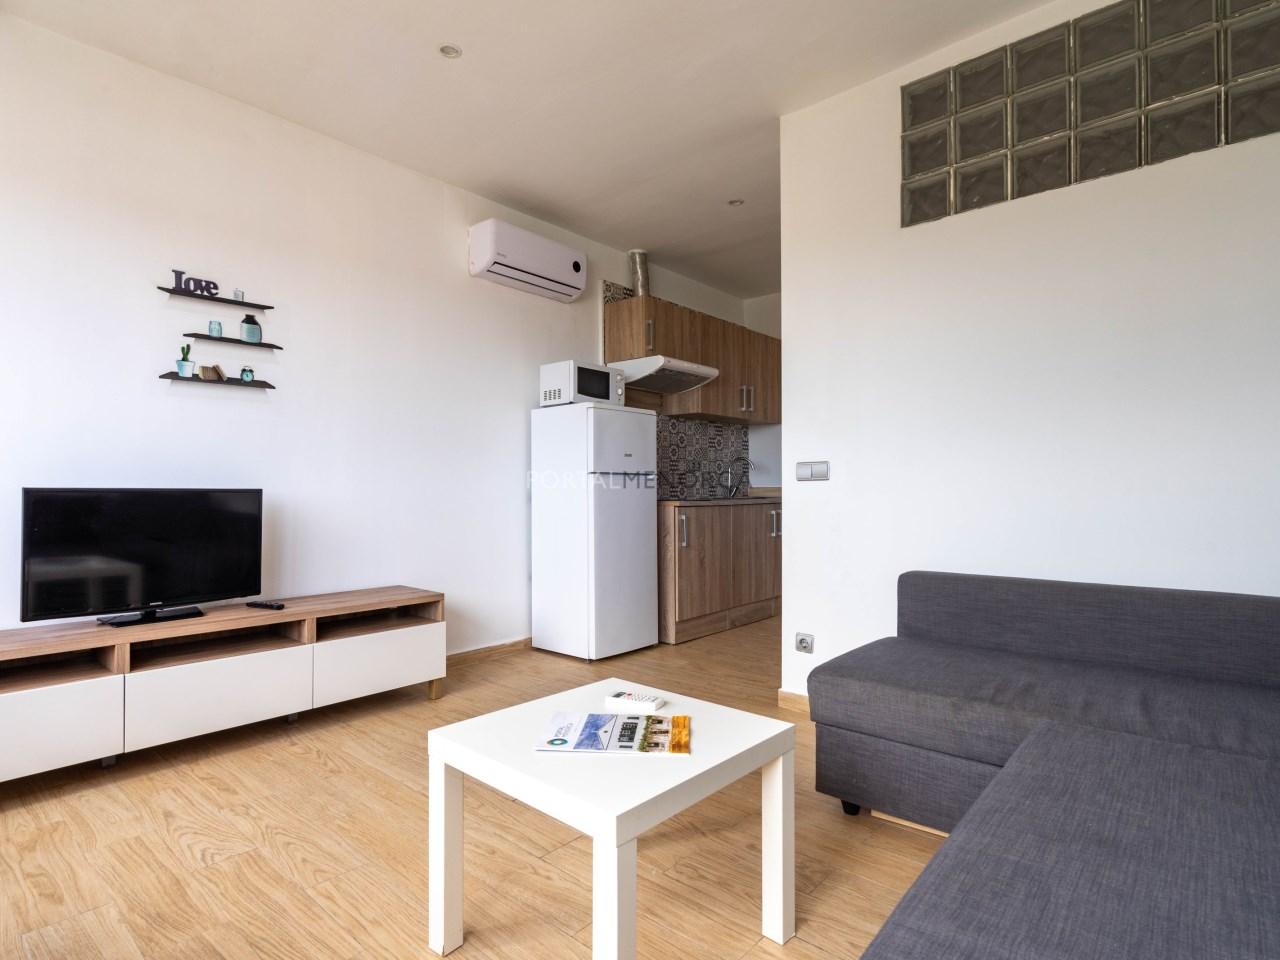 comprar-apartamento-menorca (1)